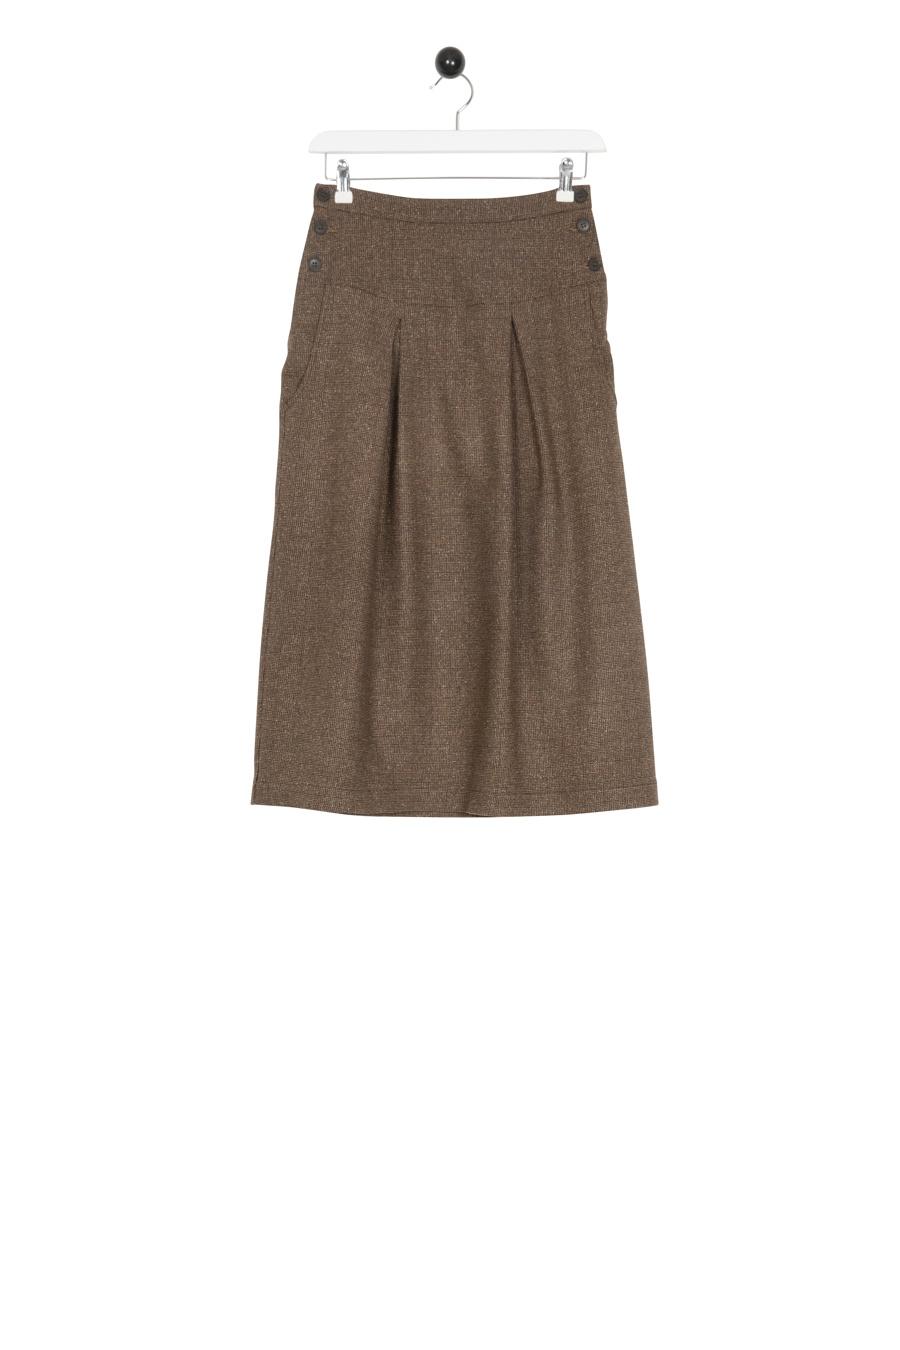 Grevlunda Skirt